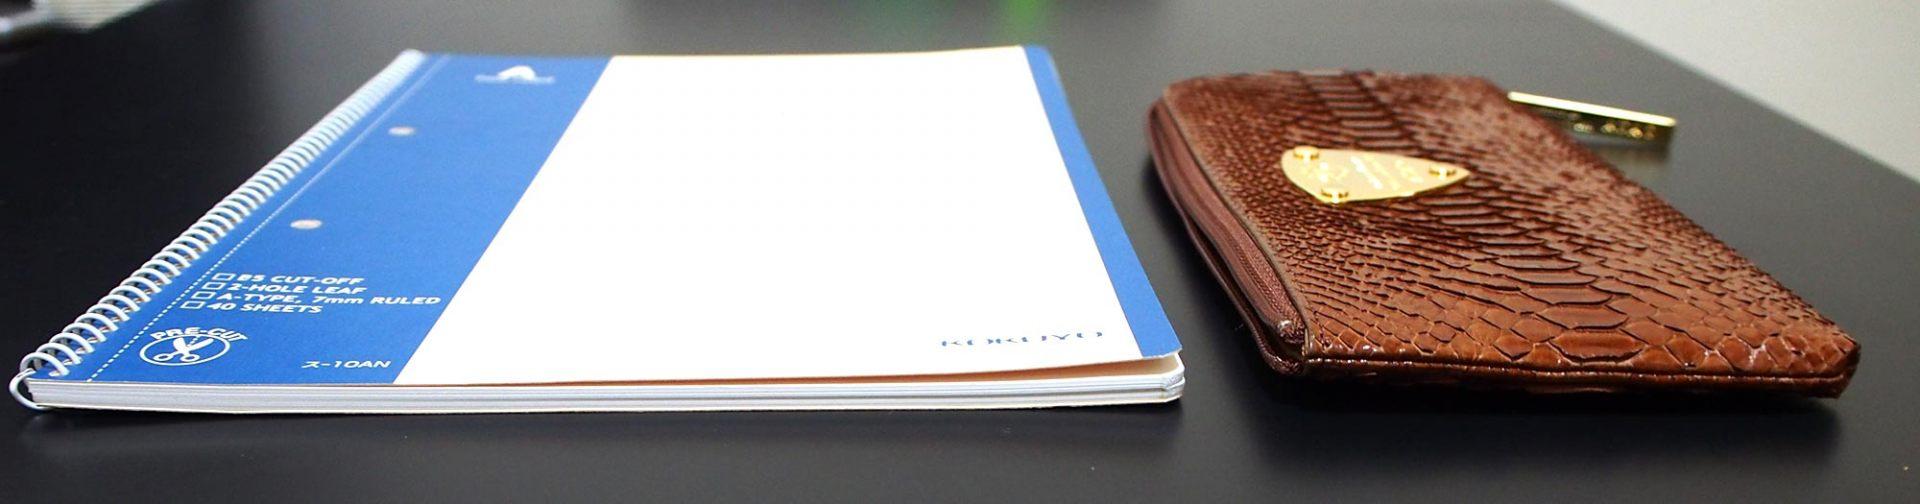 將皮夾和筆記本放在一起對比